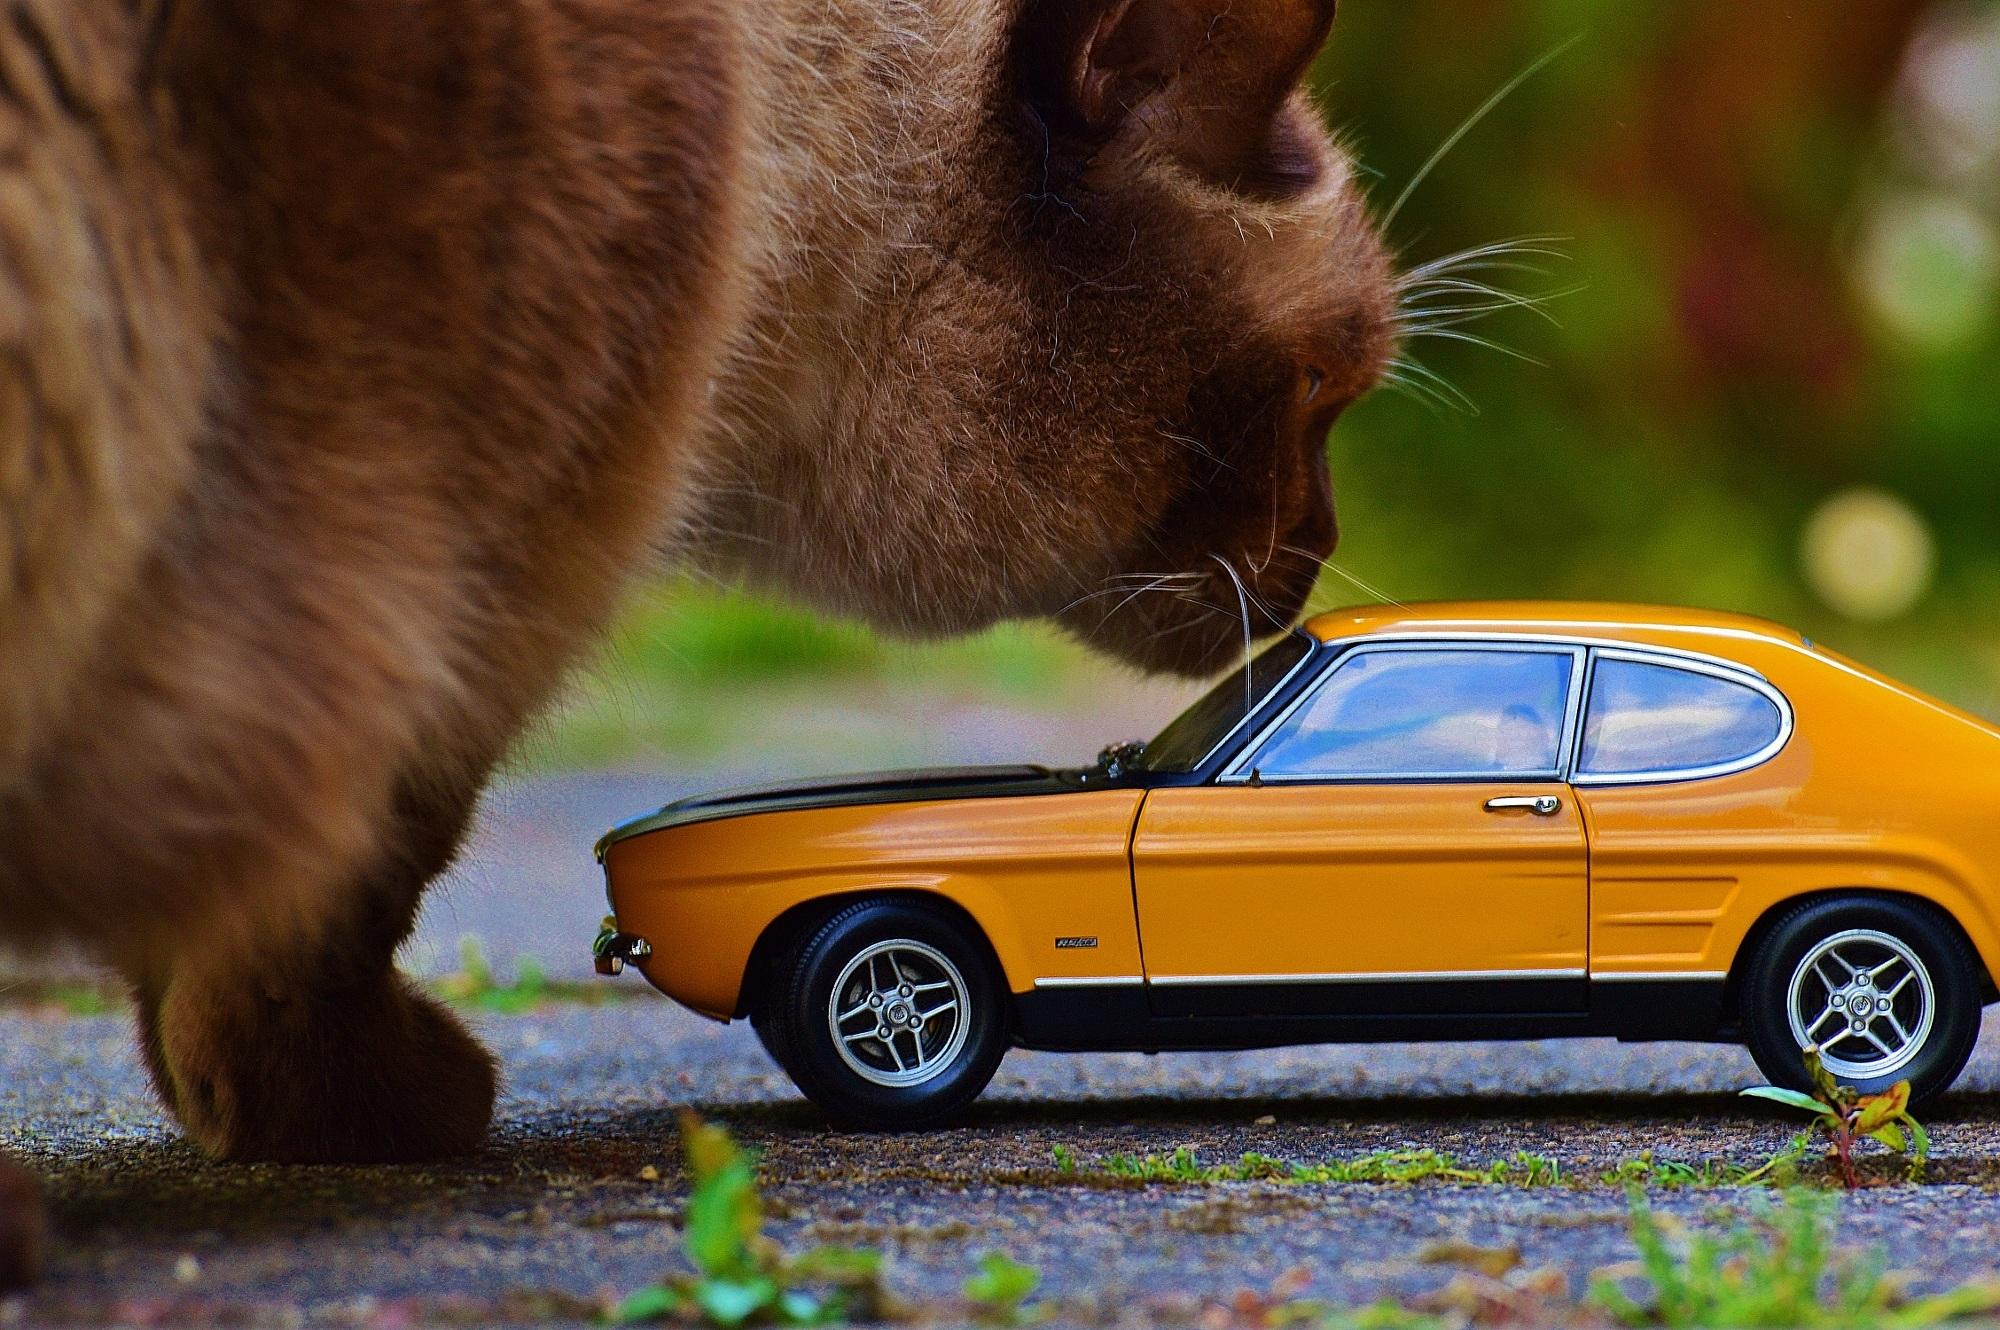 открытка кот в машине артиста рассмешила данная